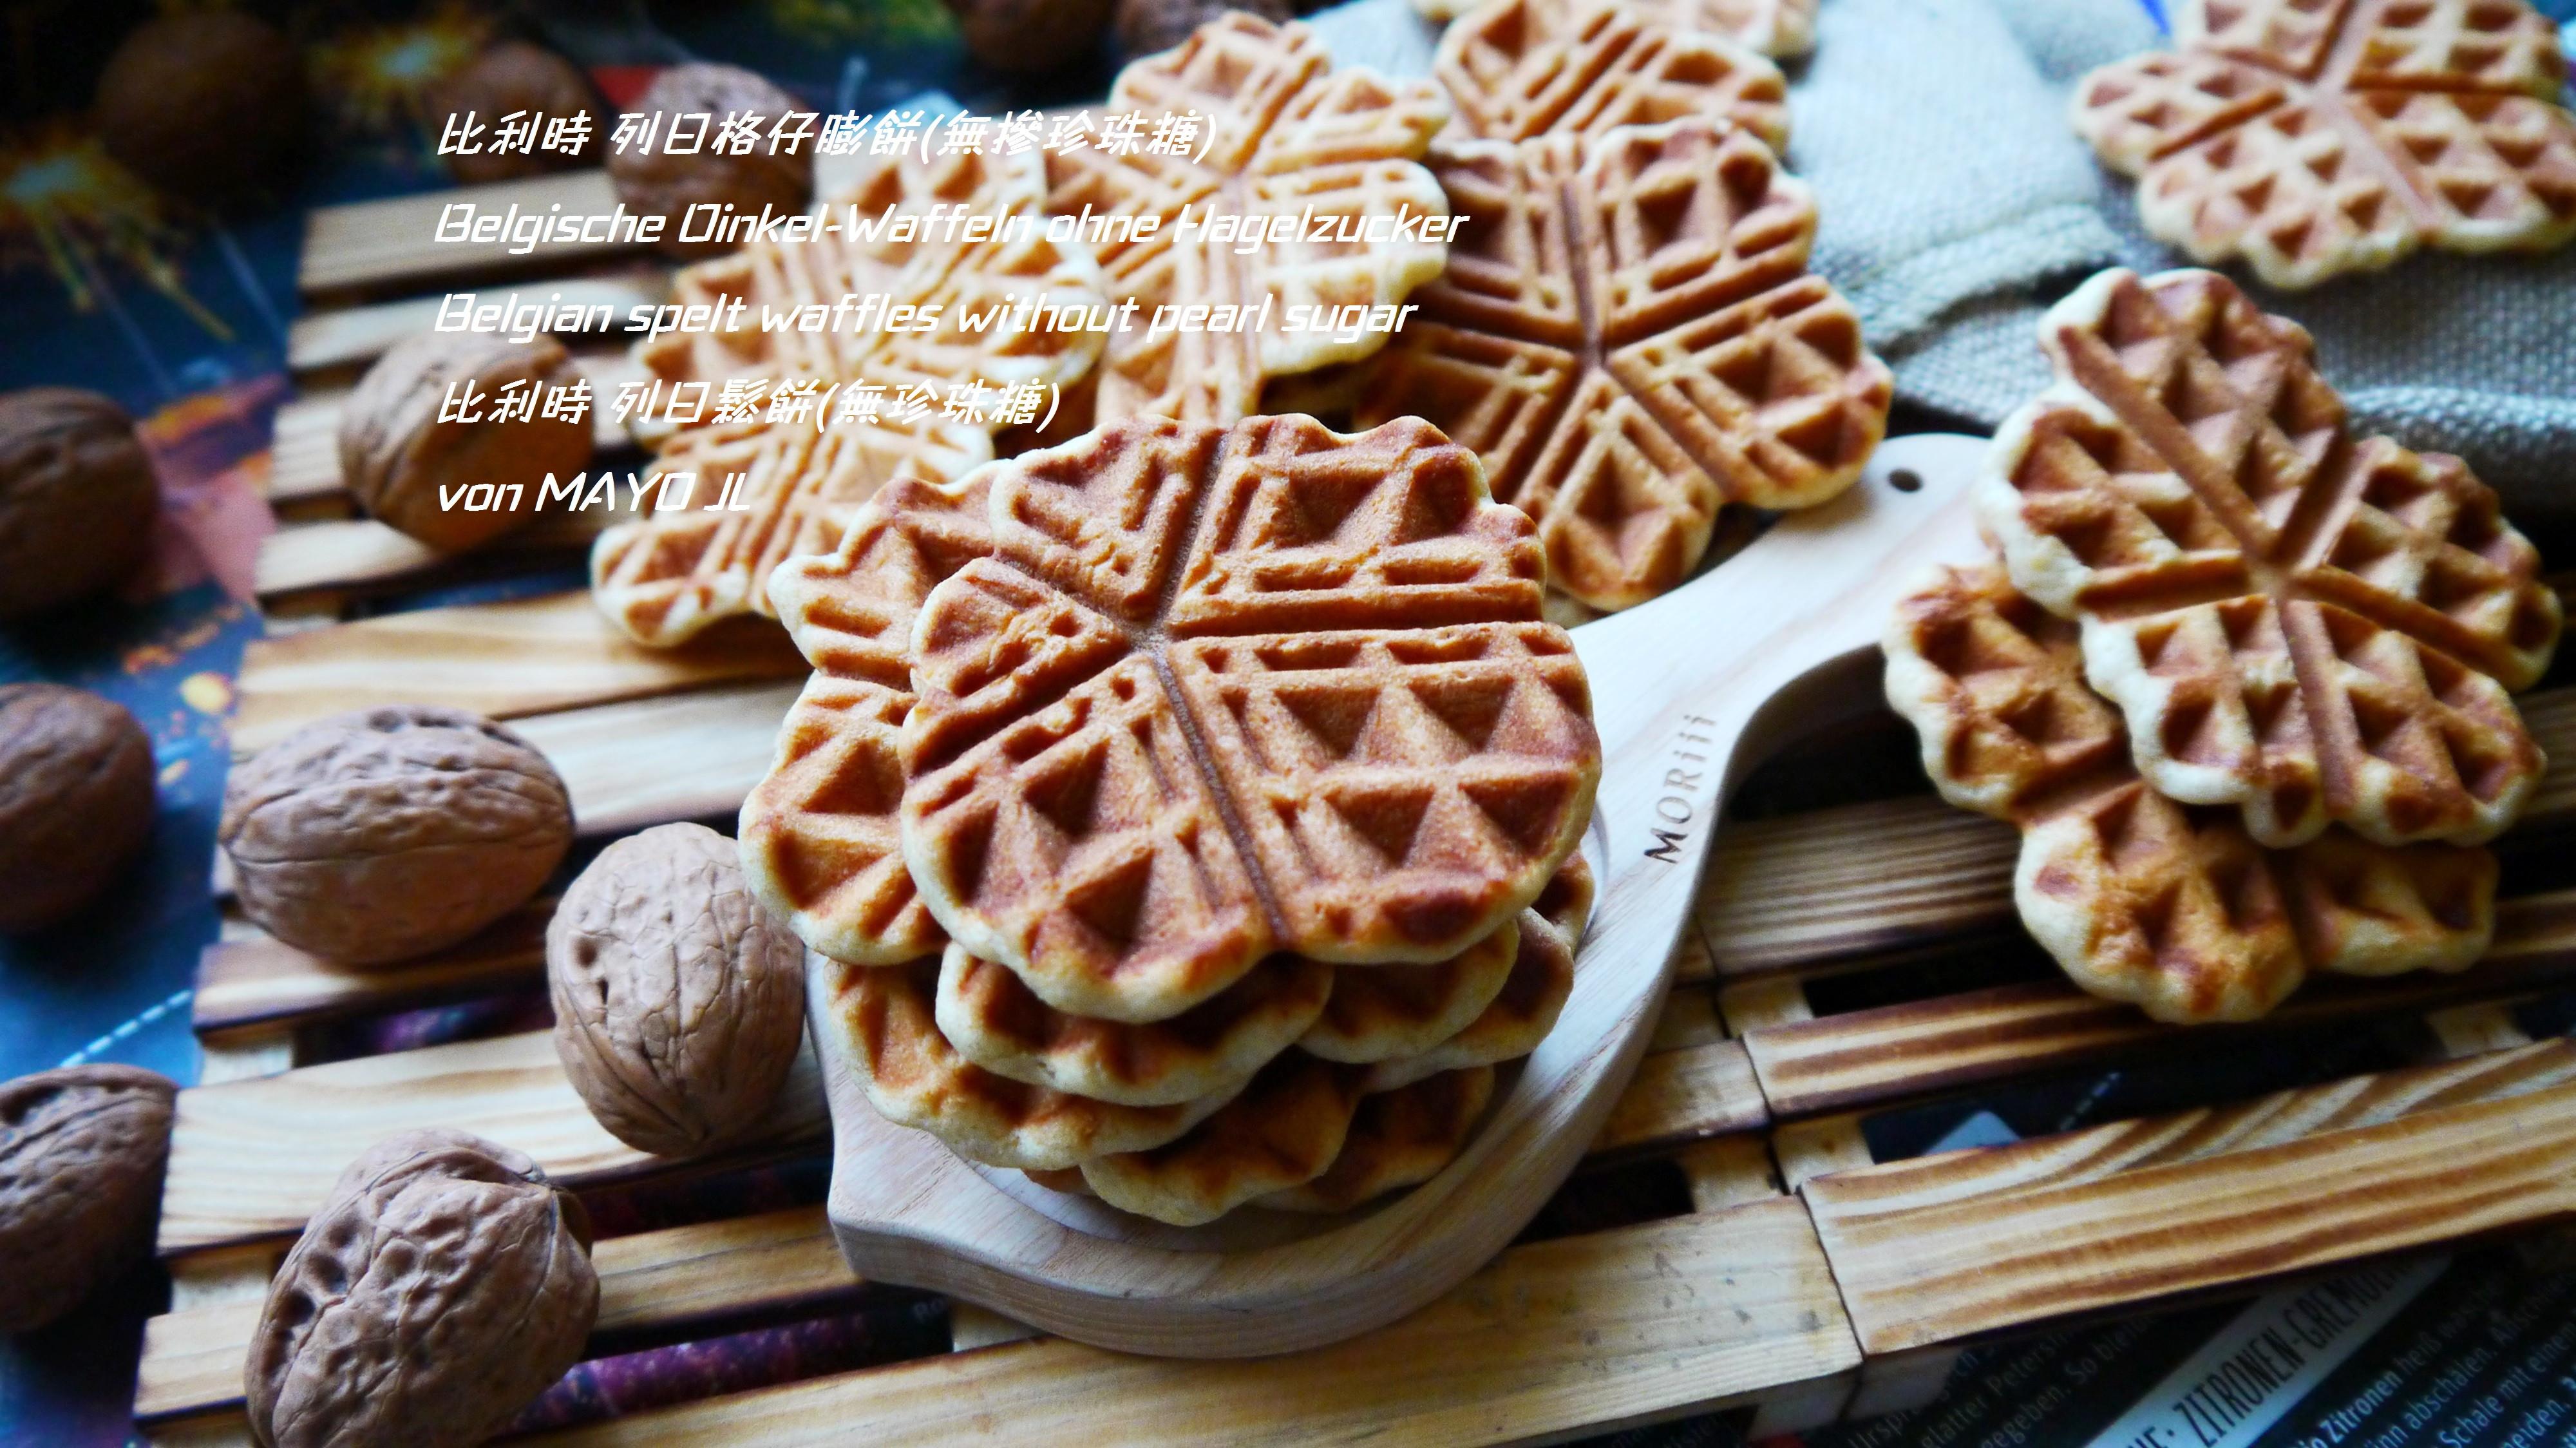 比利時 列日格仔膨餅(無摻珍珠糖)